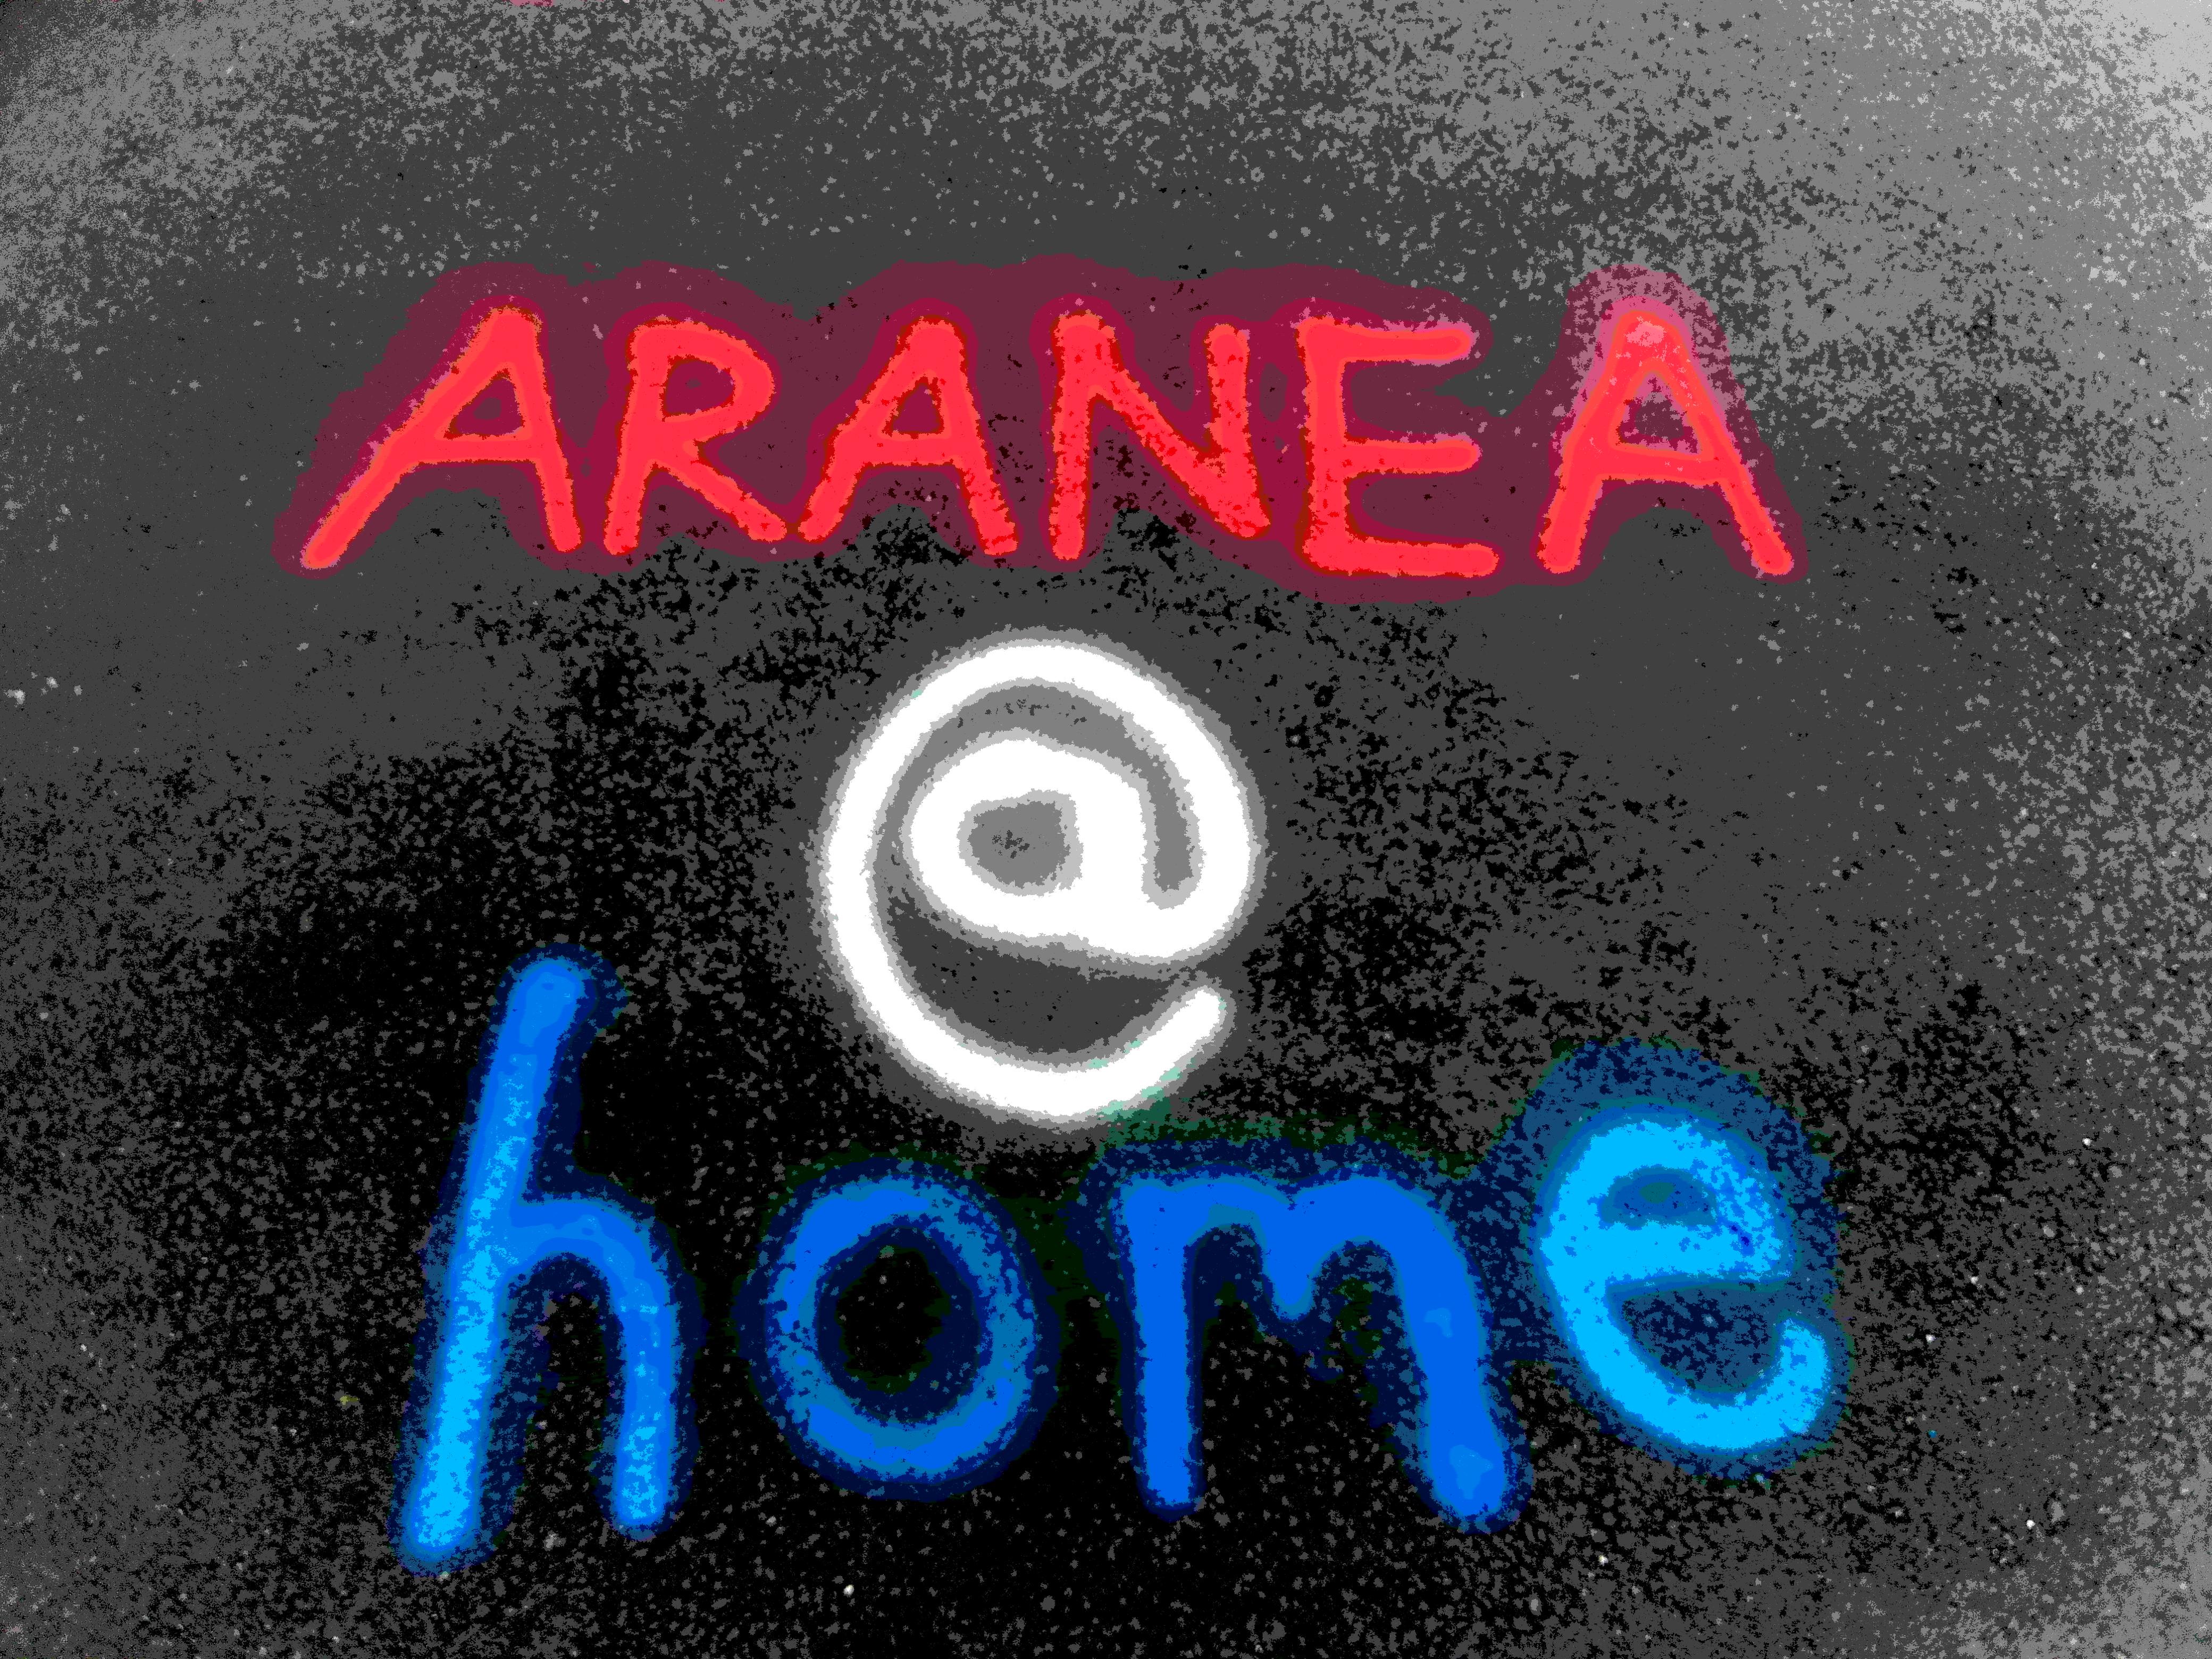 ARANEA @ home